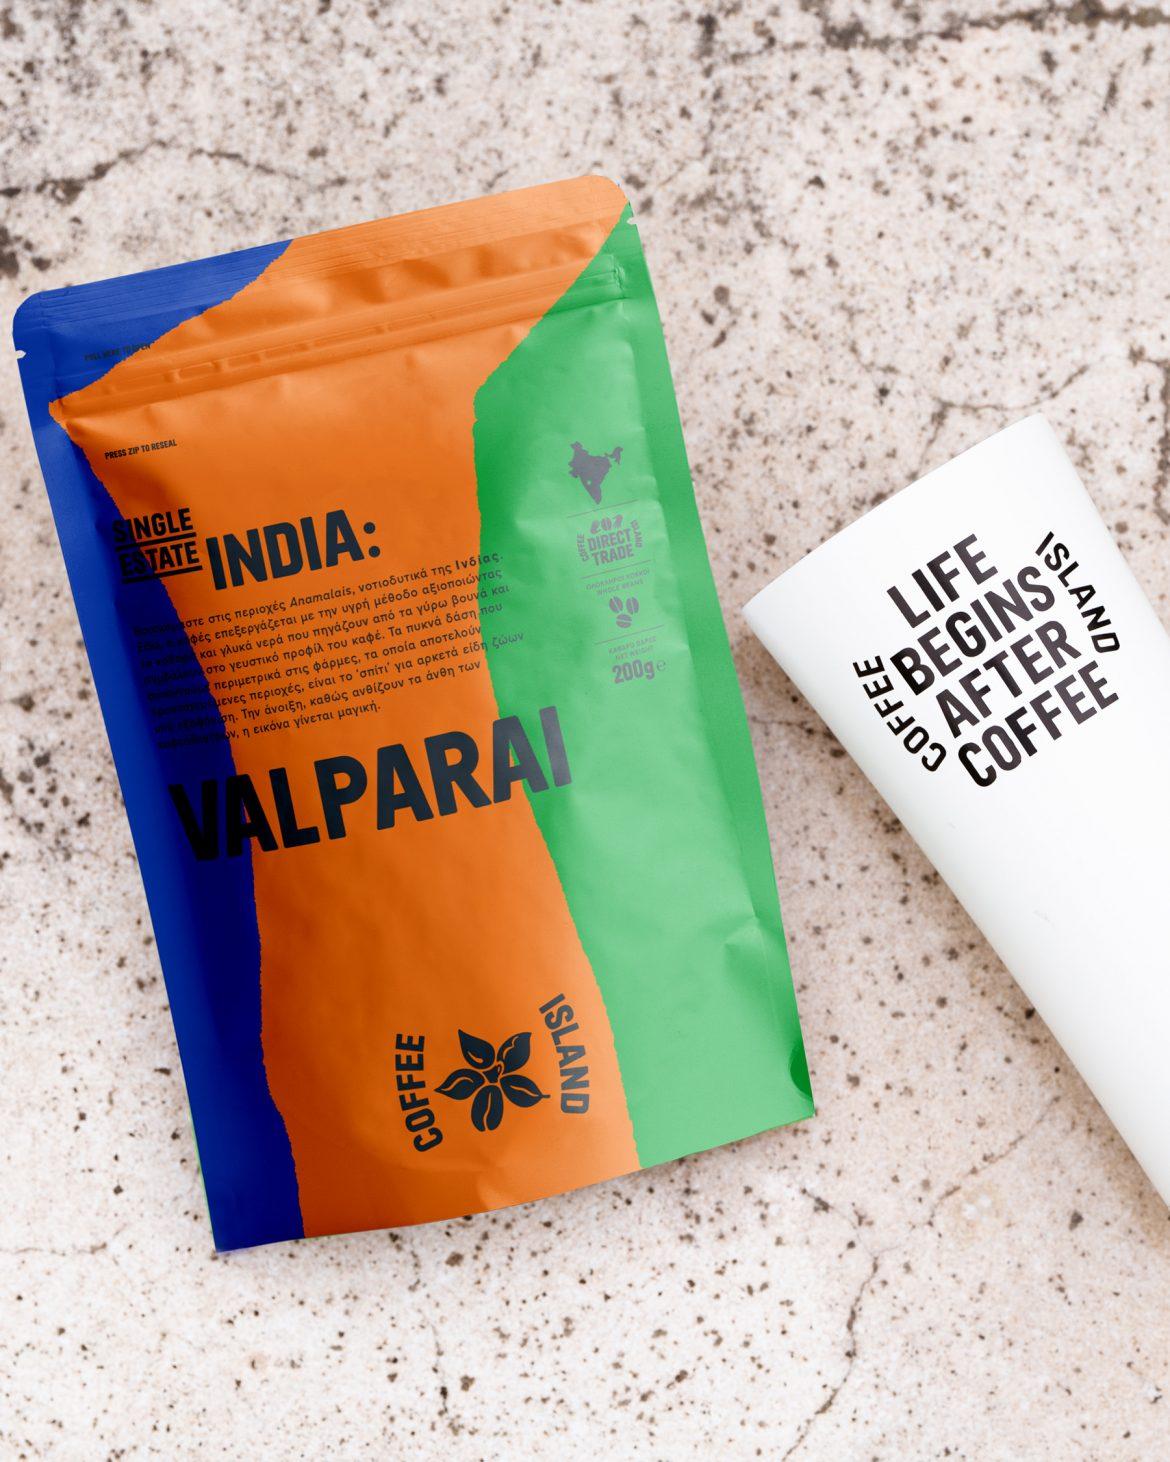 Nέοι μονοποικιλιακοί καφέδες στα Coffee Island